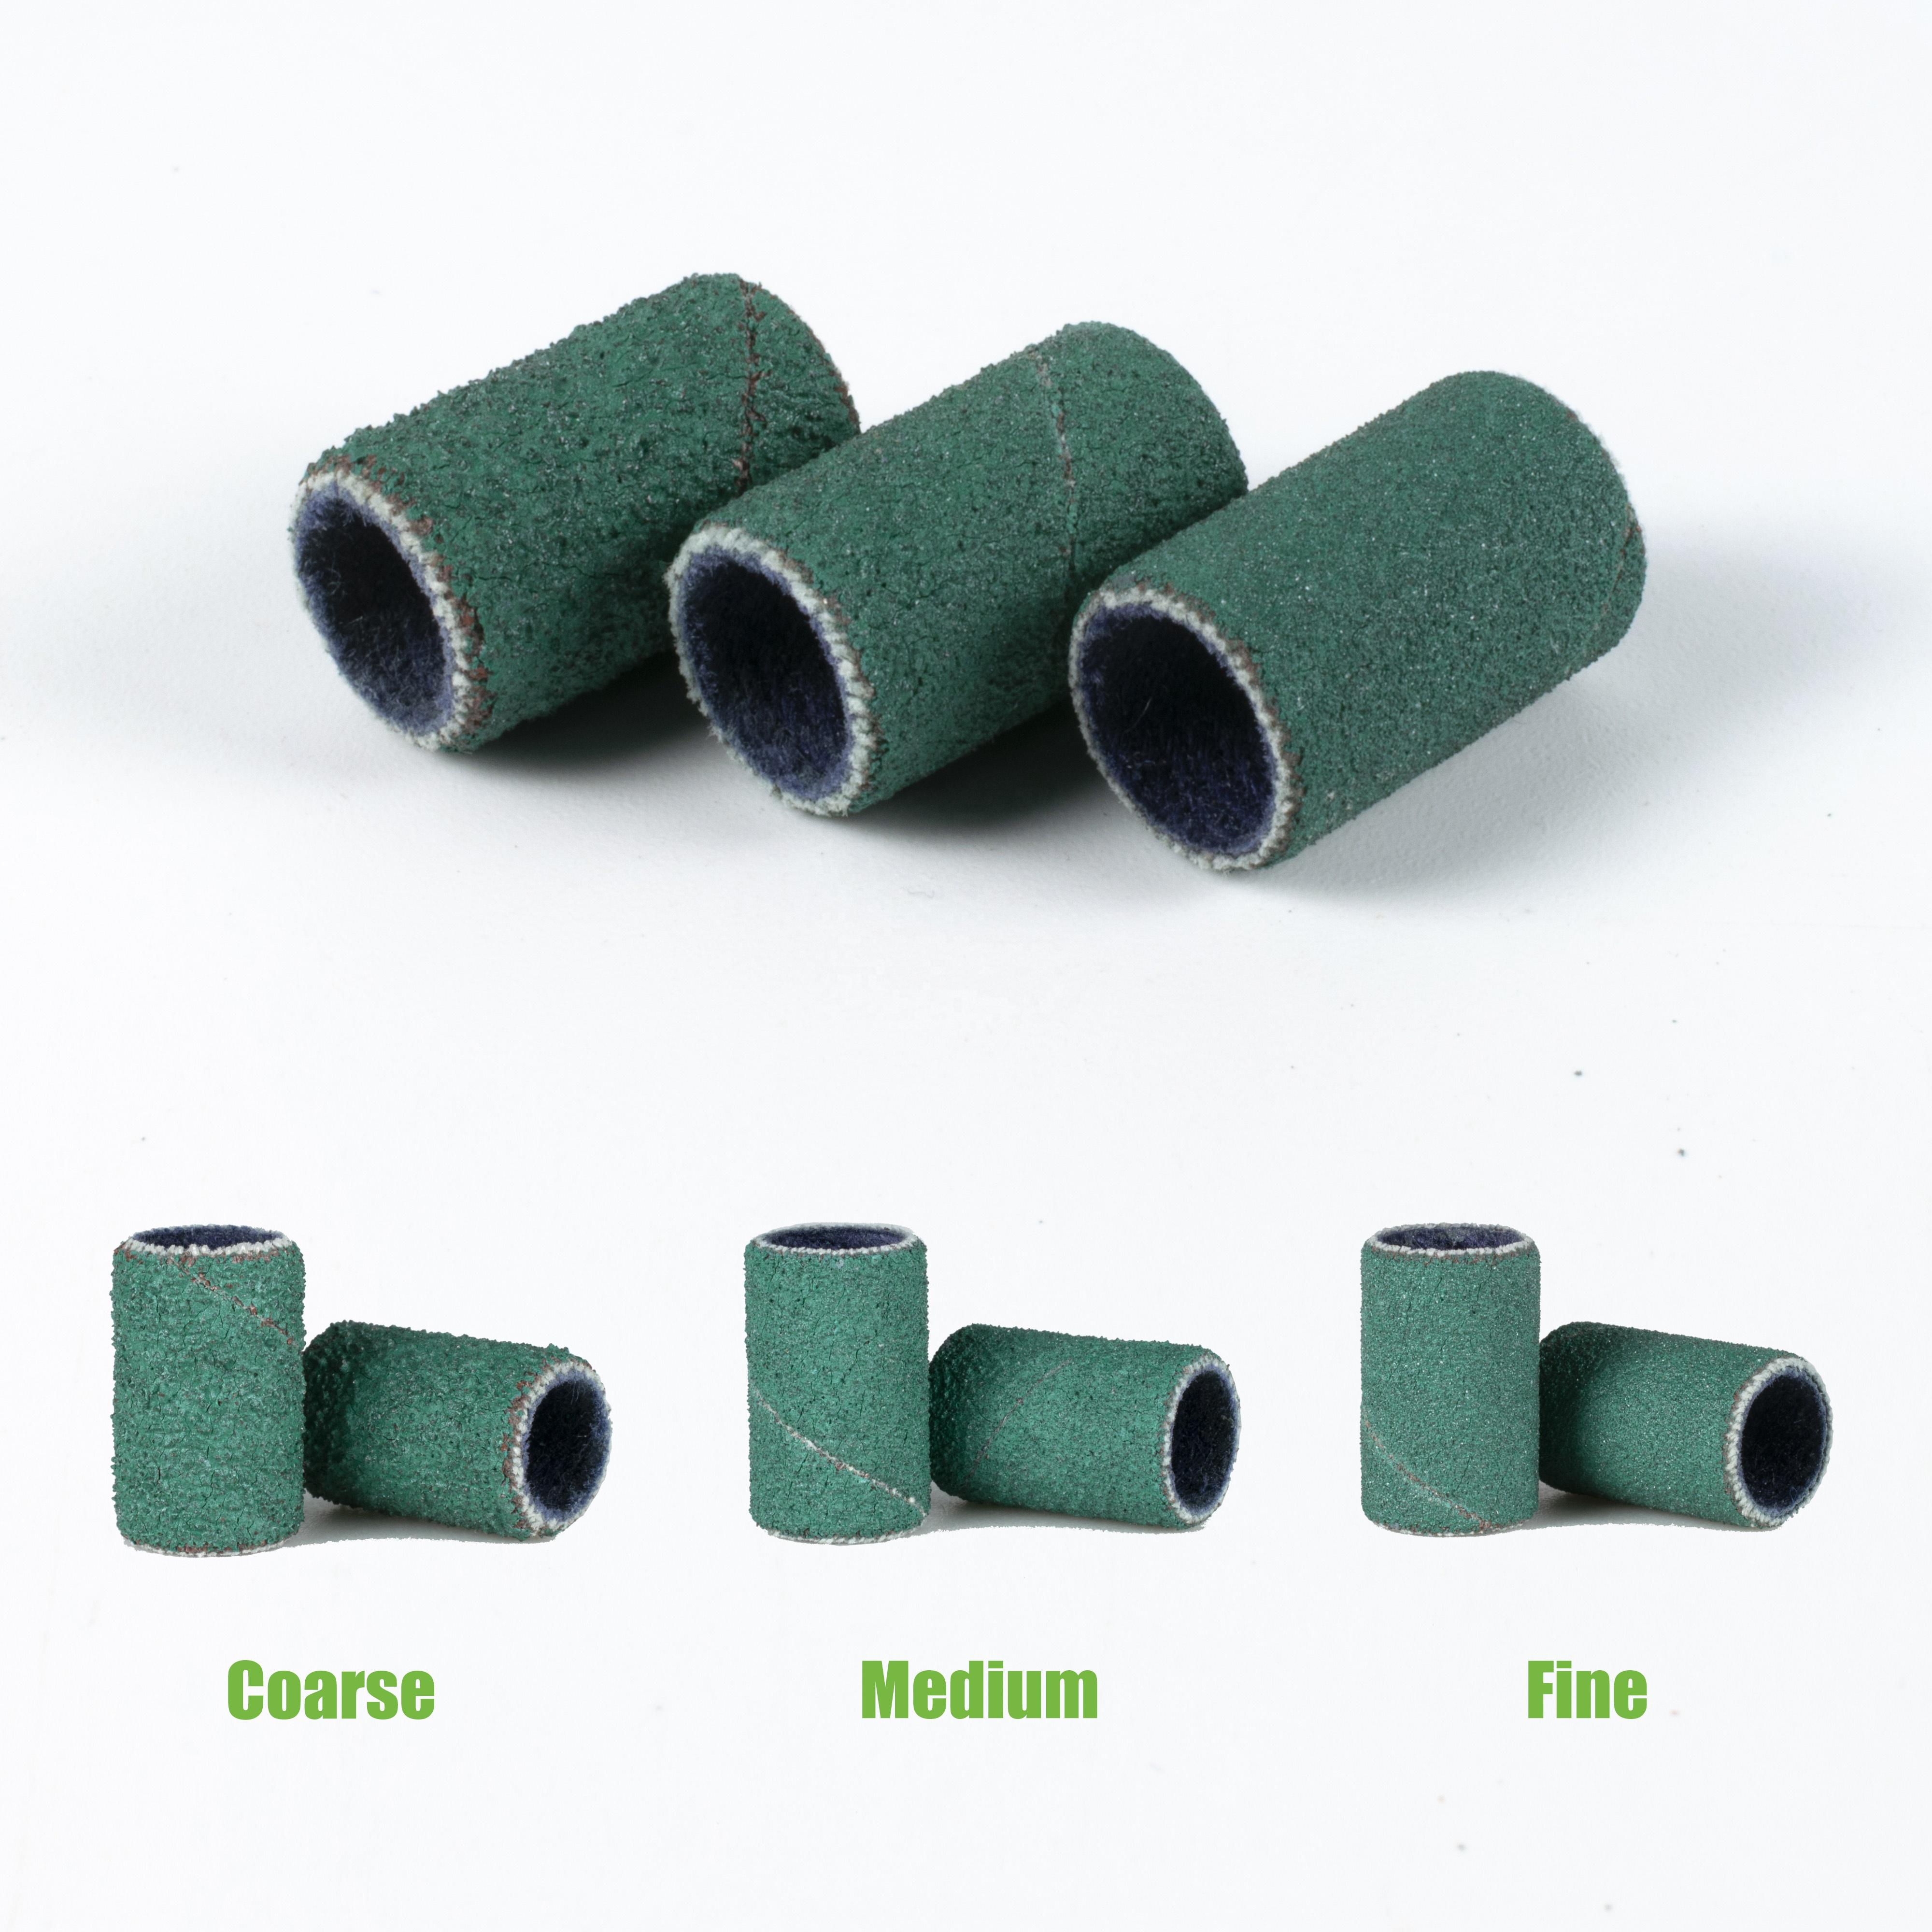 100 шт./пакет Norton прочный 100/180/240 порошок зеленого цвета шлифовальная насадка для маникюра, пилочка для ногтей шлифовальные ленты для фрез для маникюра/педикюра